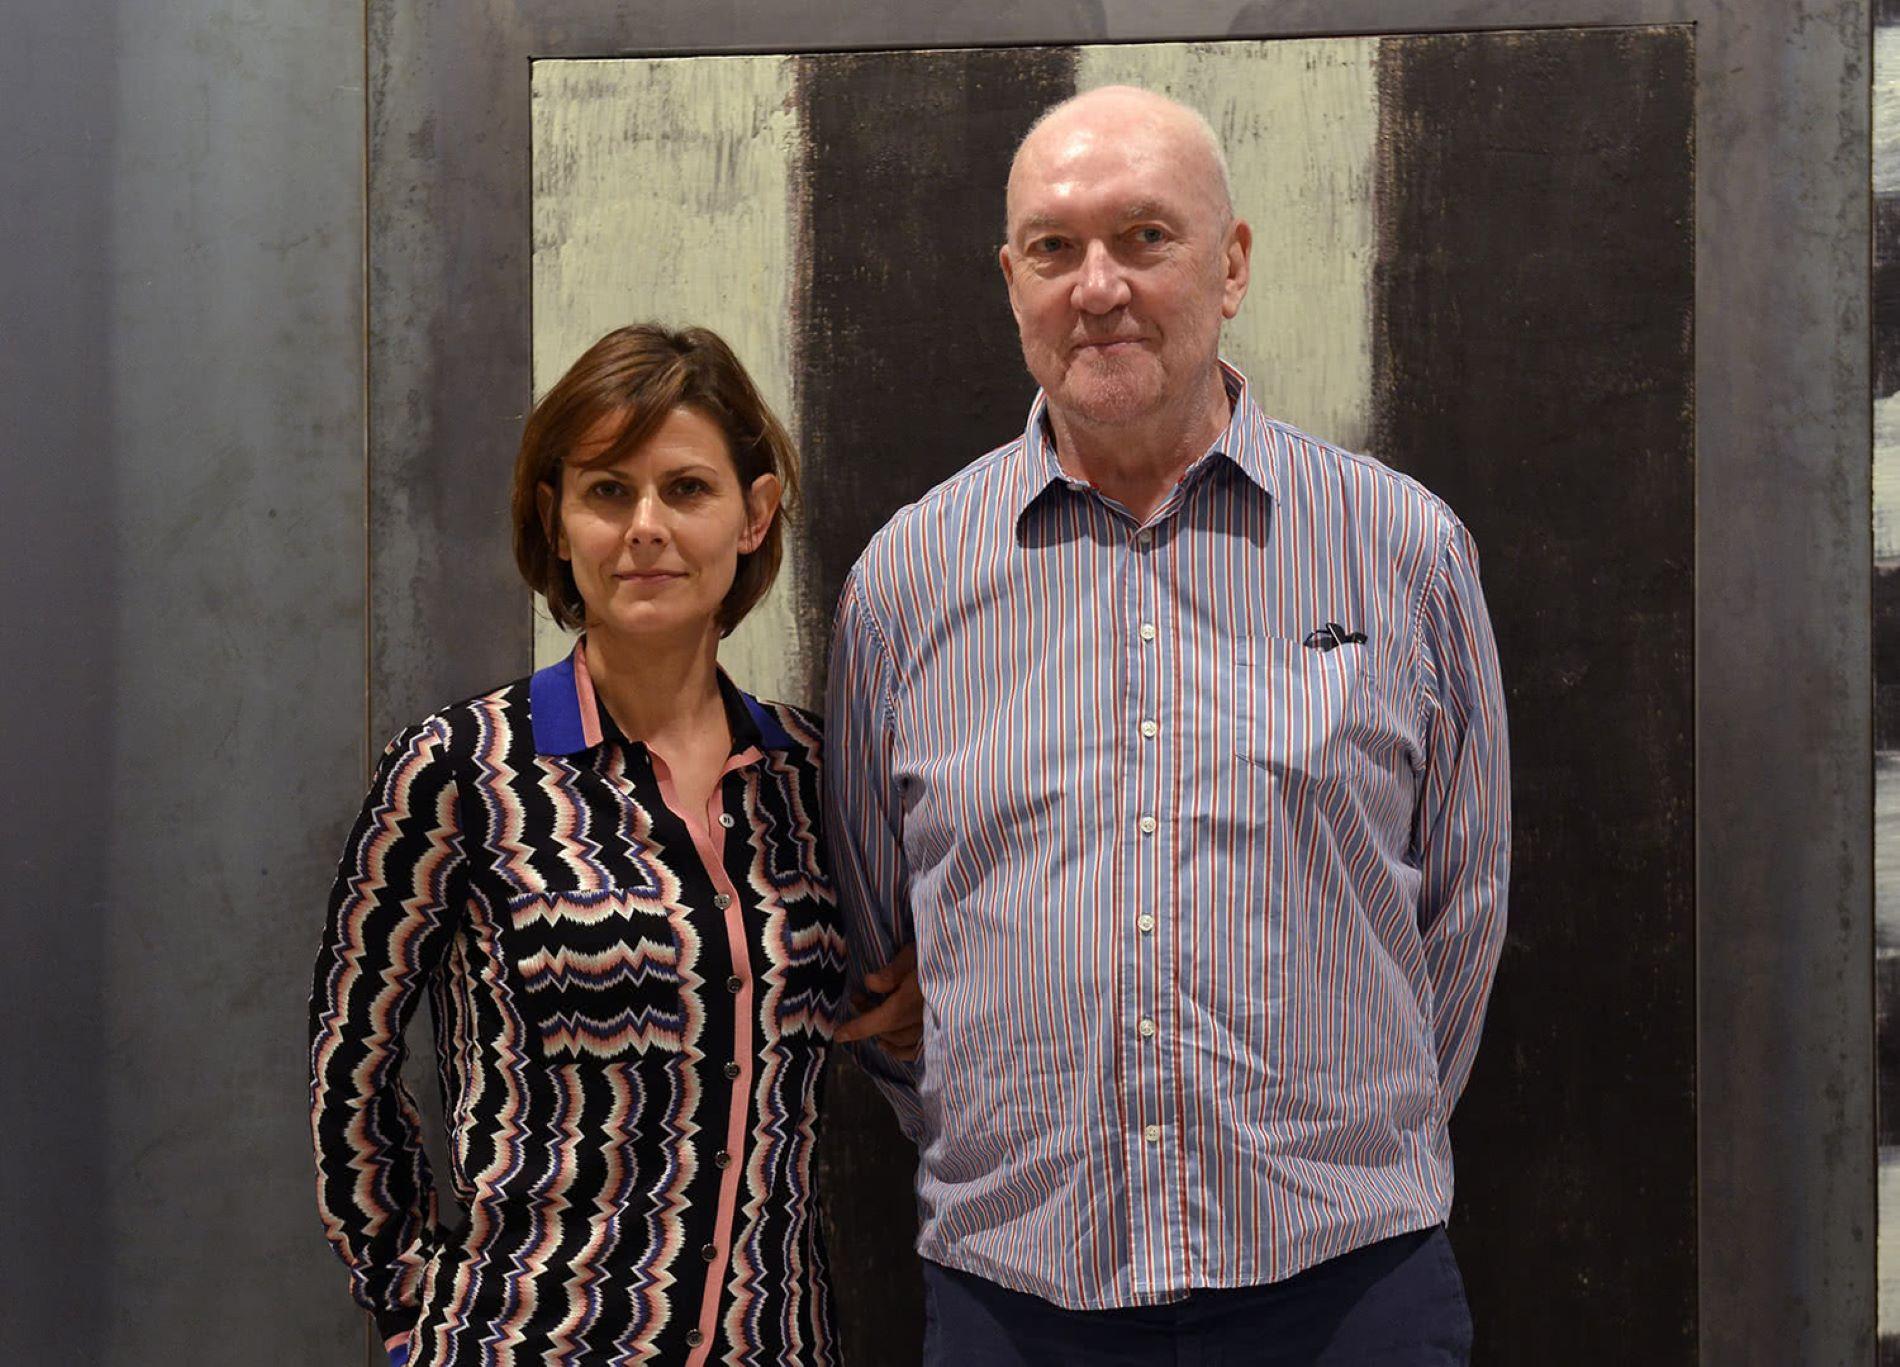 Els pintors Sean Scully i Lilian Tomasko deixen Barcelona pel català